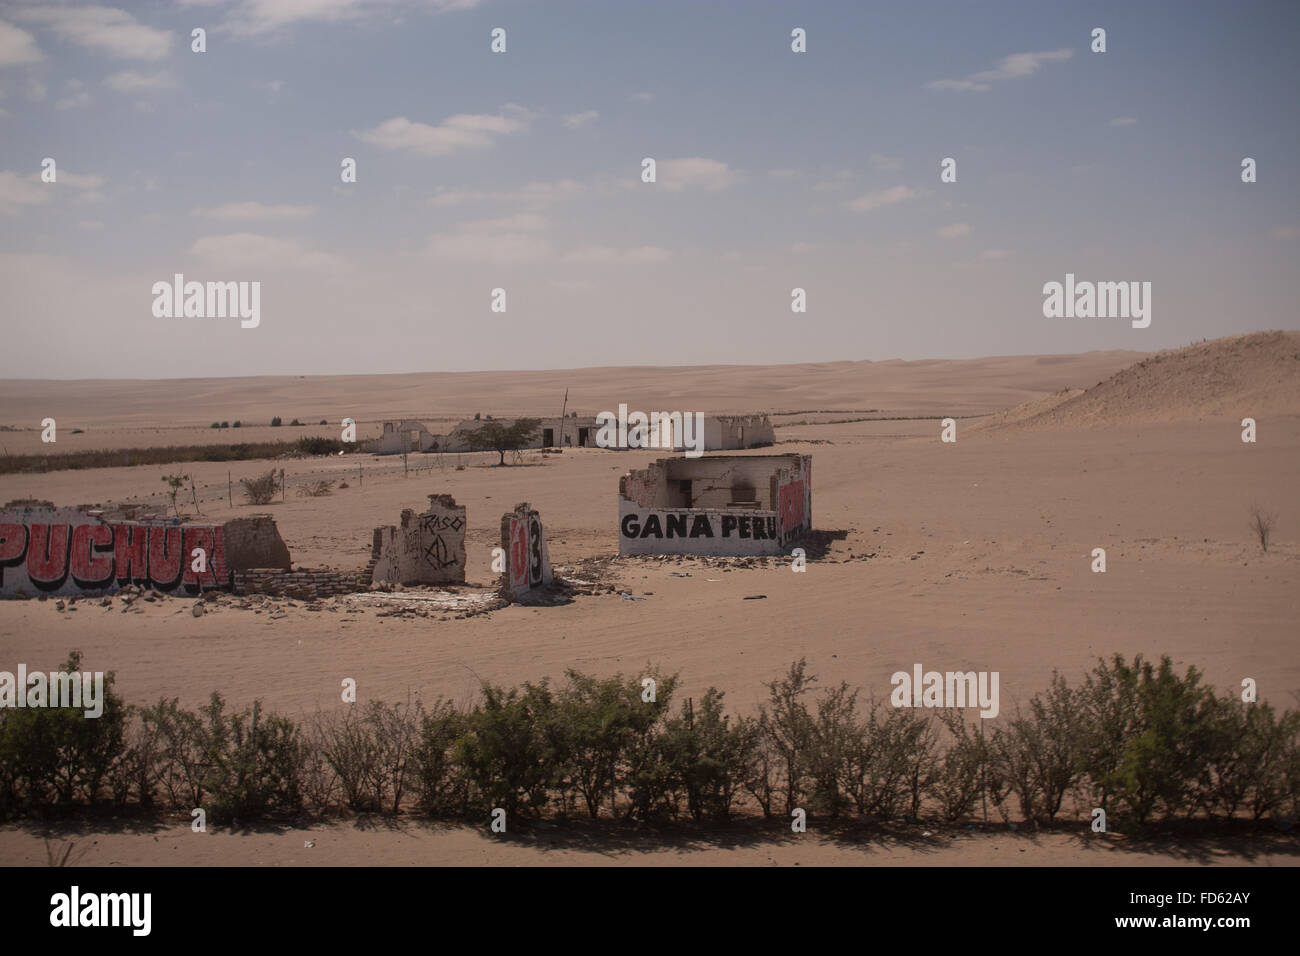 Demolished Buildings On Desert Landscape - Stock Image